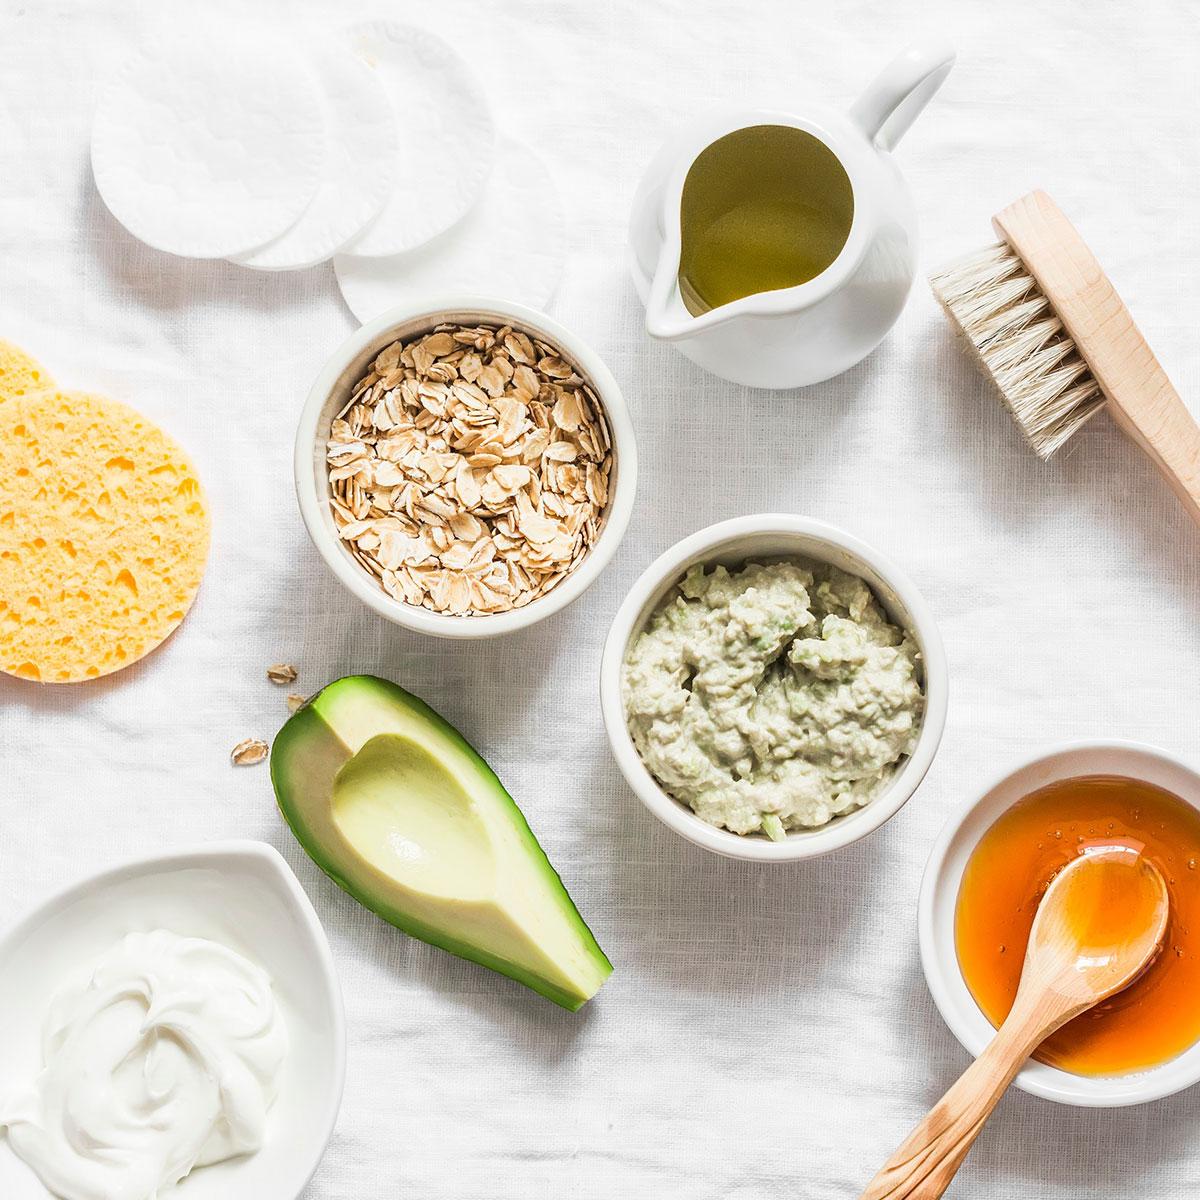 4 Natural Homemade Face Mask Recipes